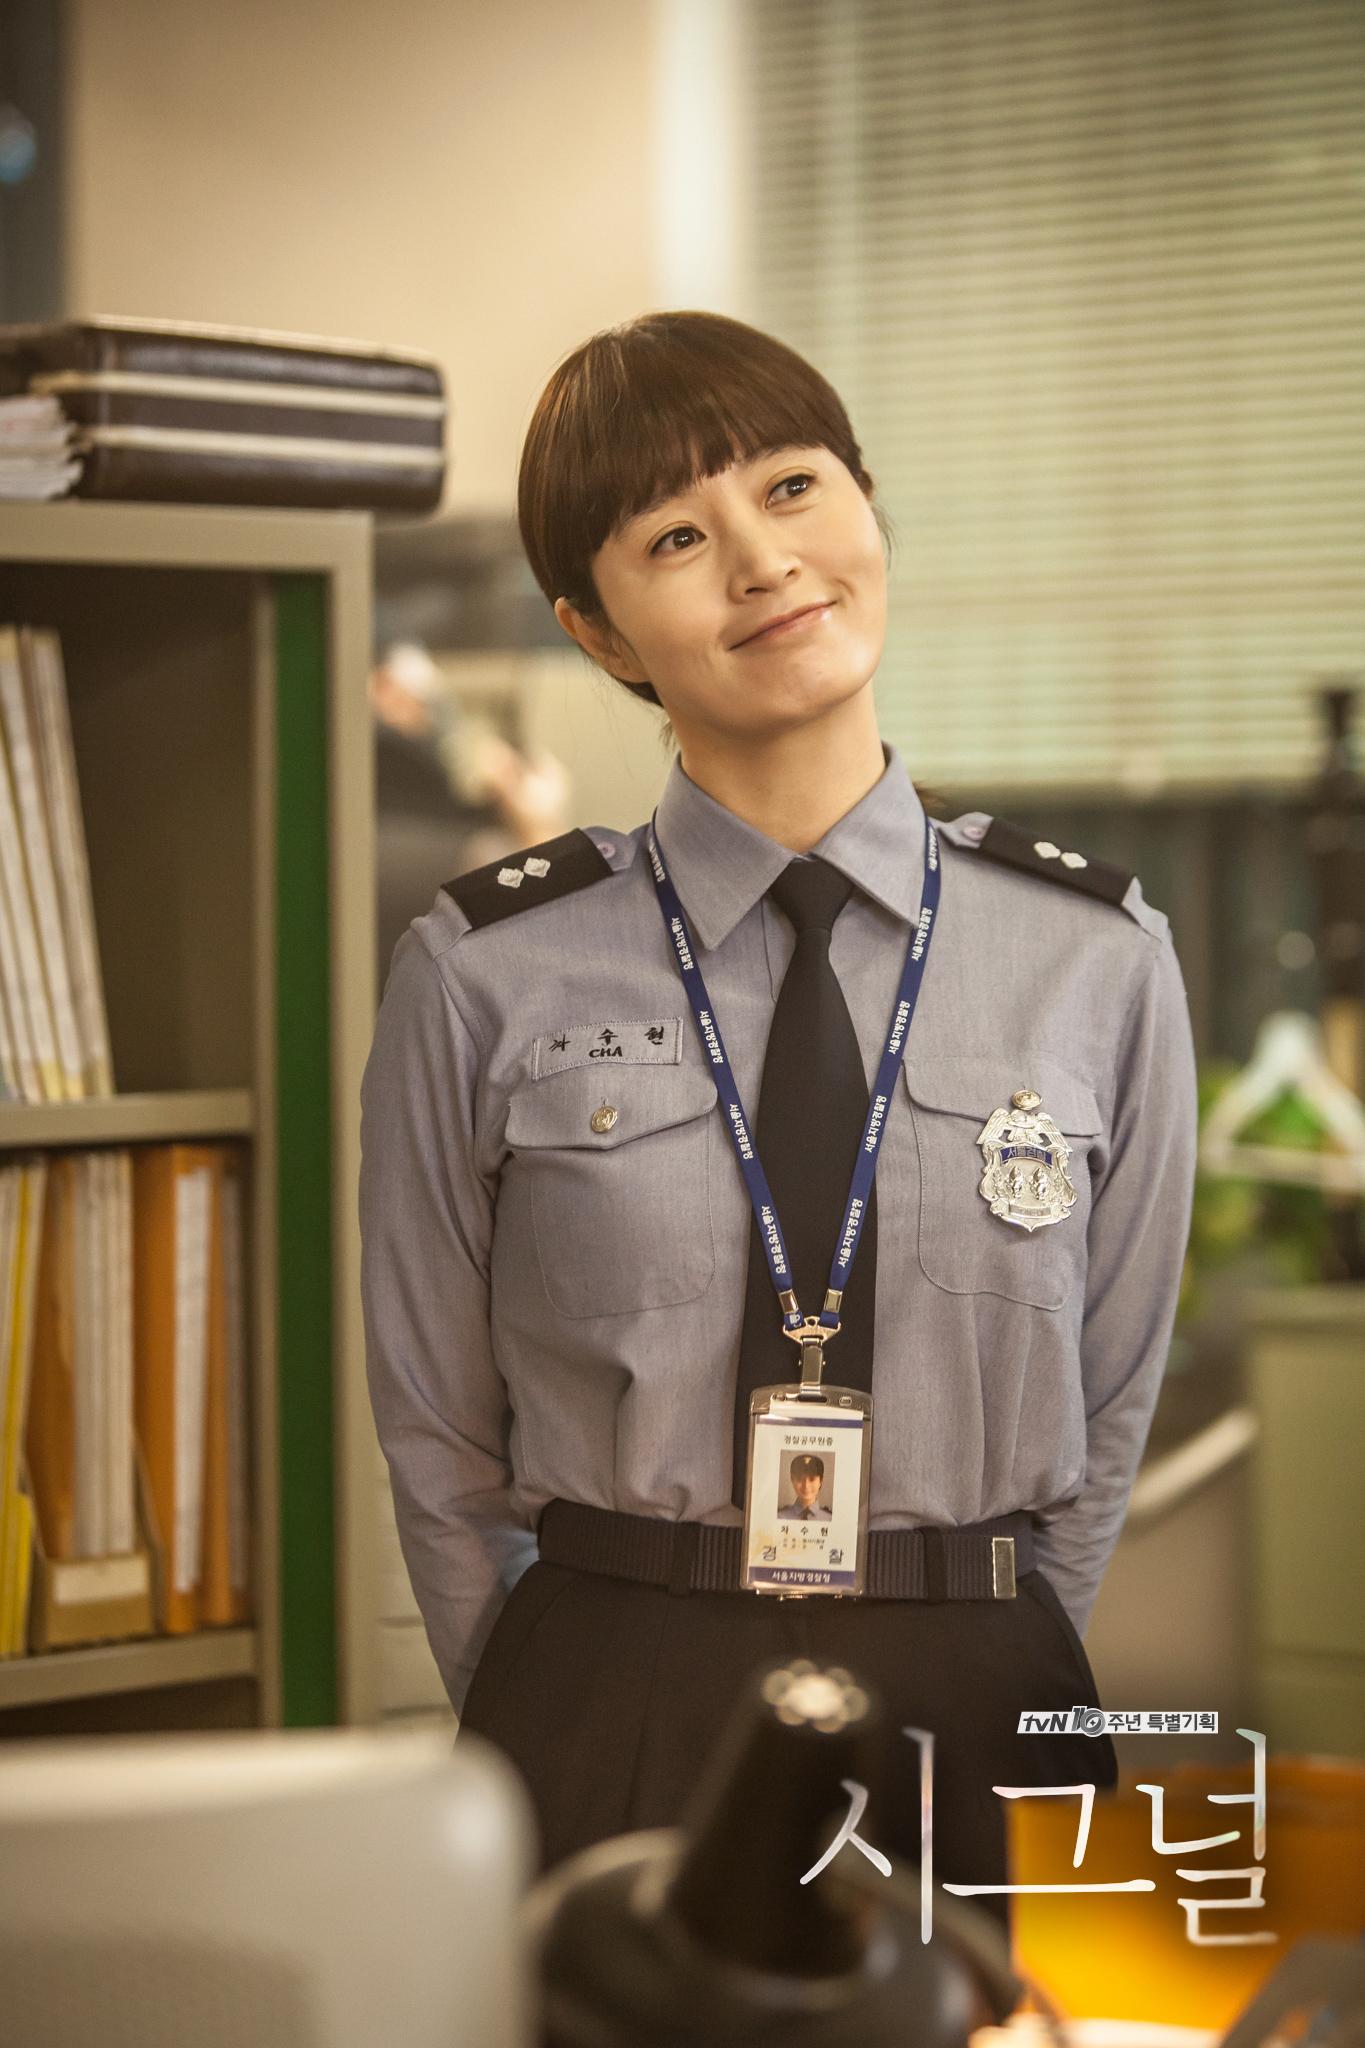 金惠秀在劇中飾演一位長期懸案專案組的刑警,雖然不是年輕演員,但金惠秀還是很美麗啊♥